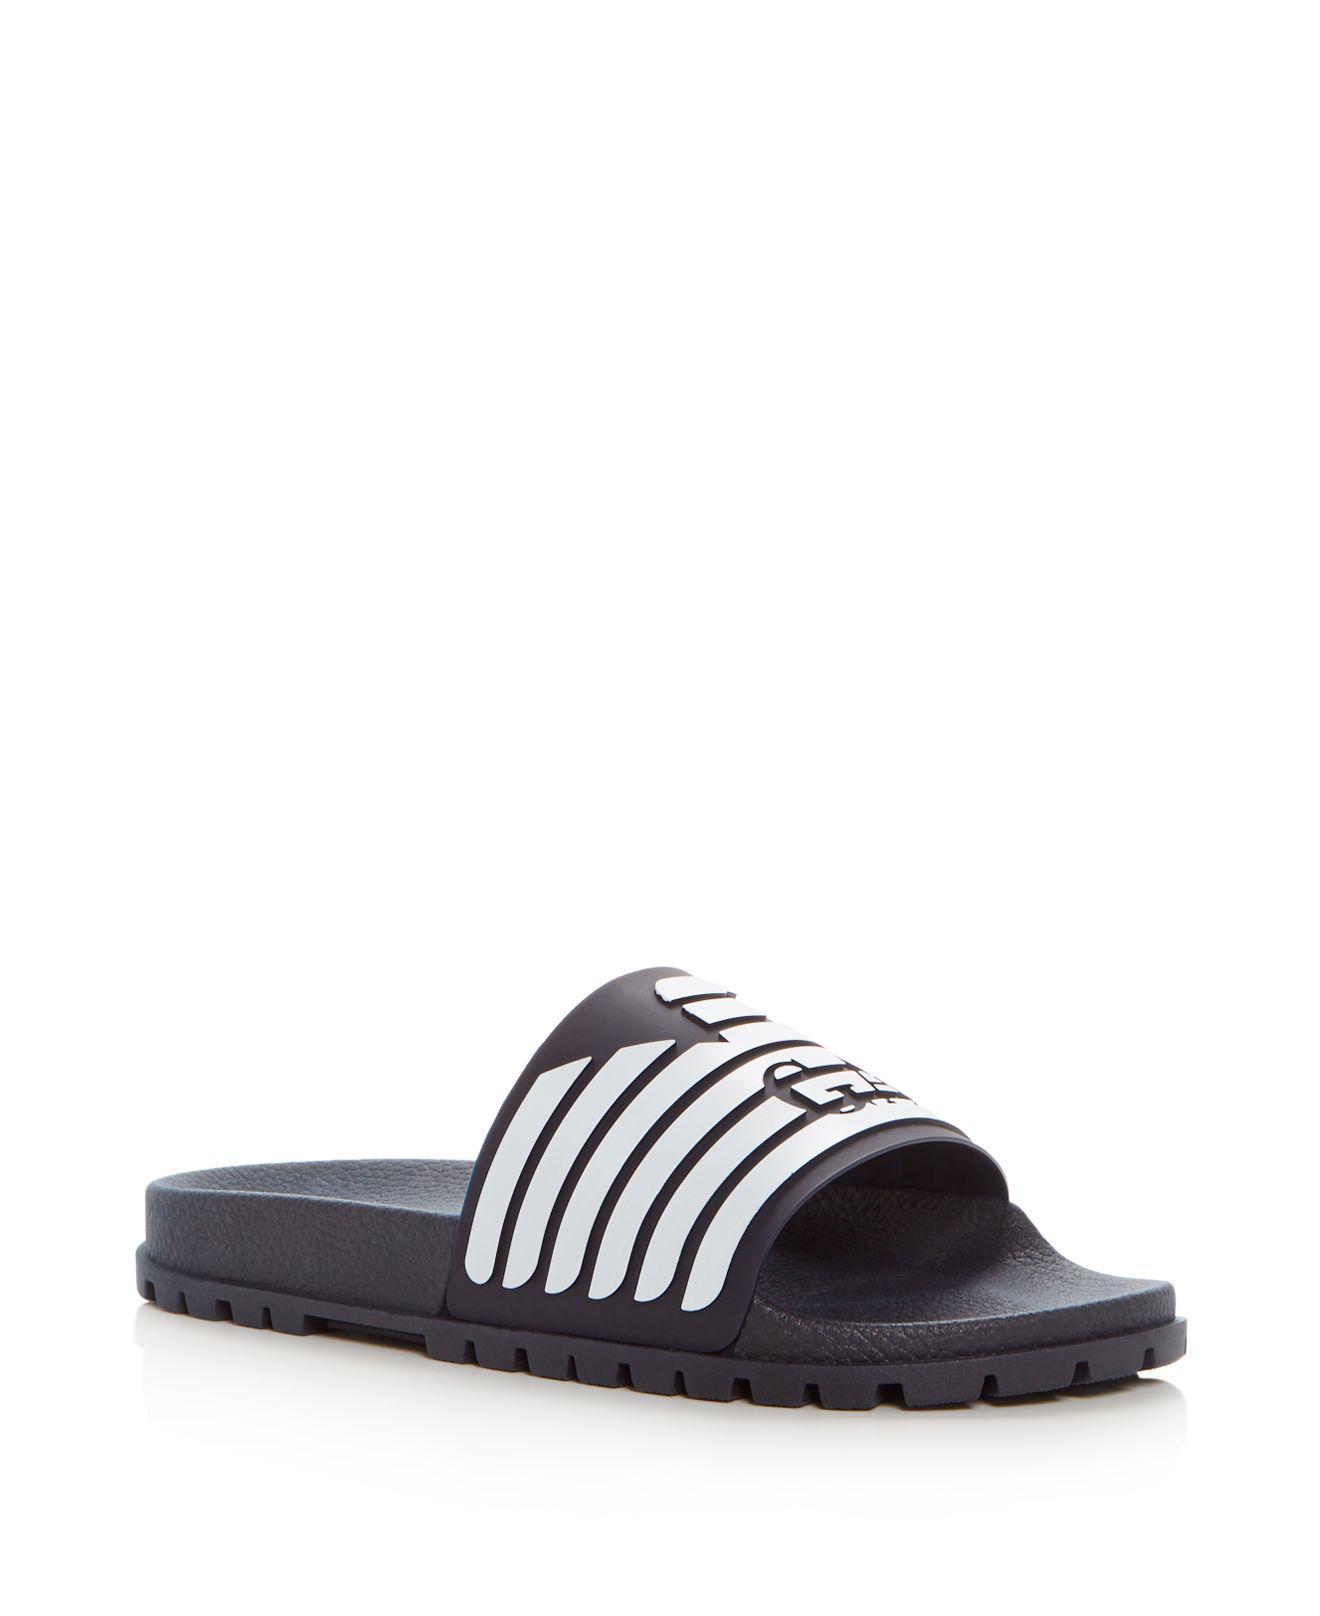 Armani Men's Embossed Logo Slide Sandals z4vhl1JBW